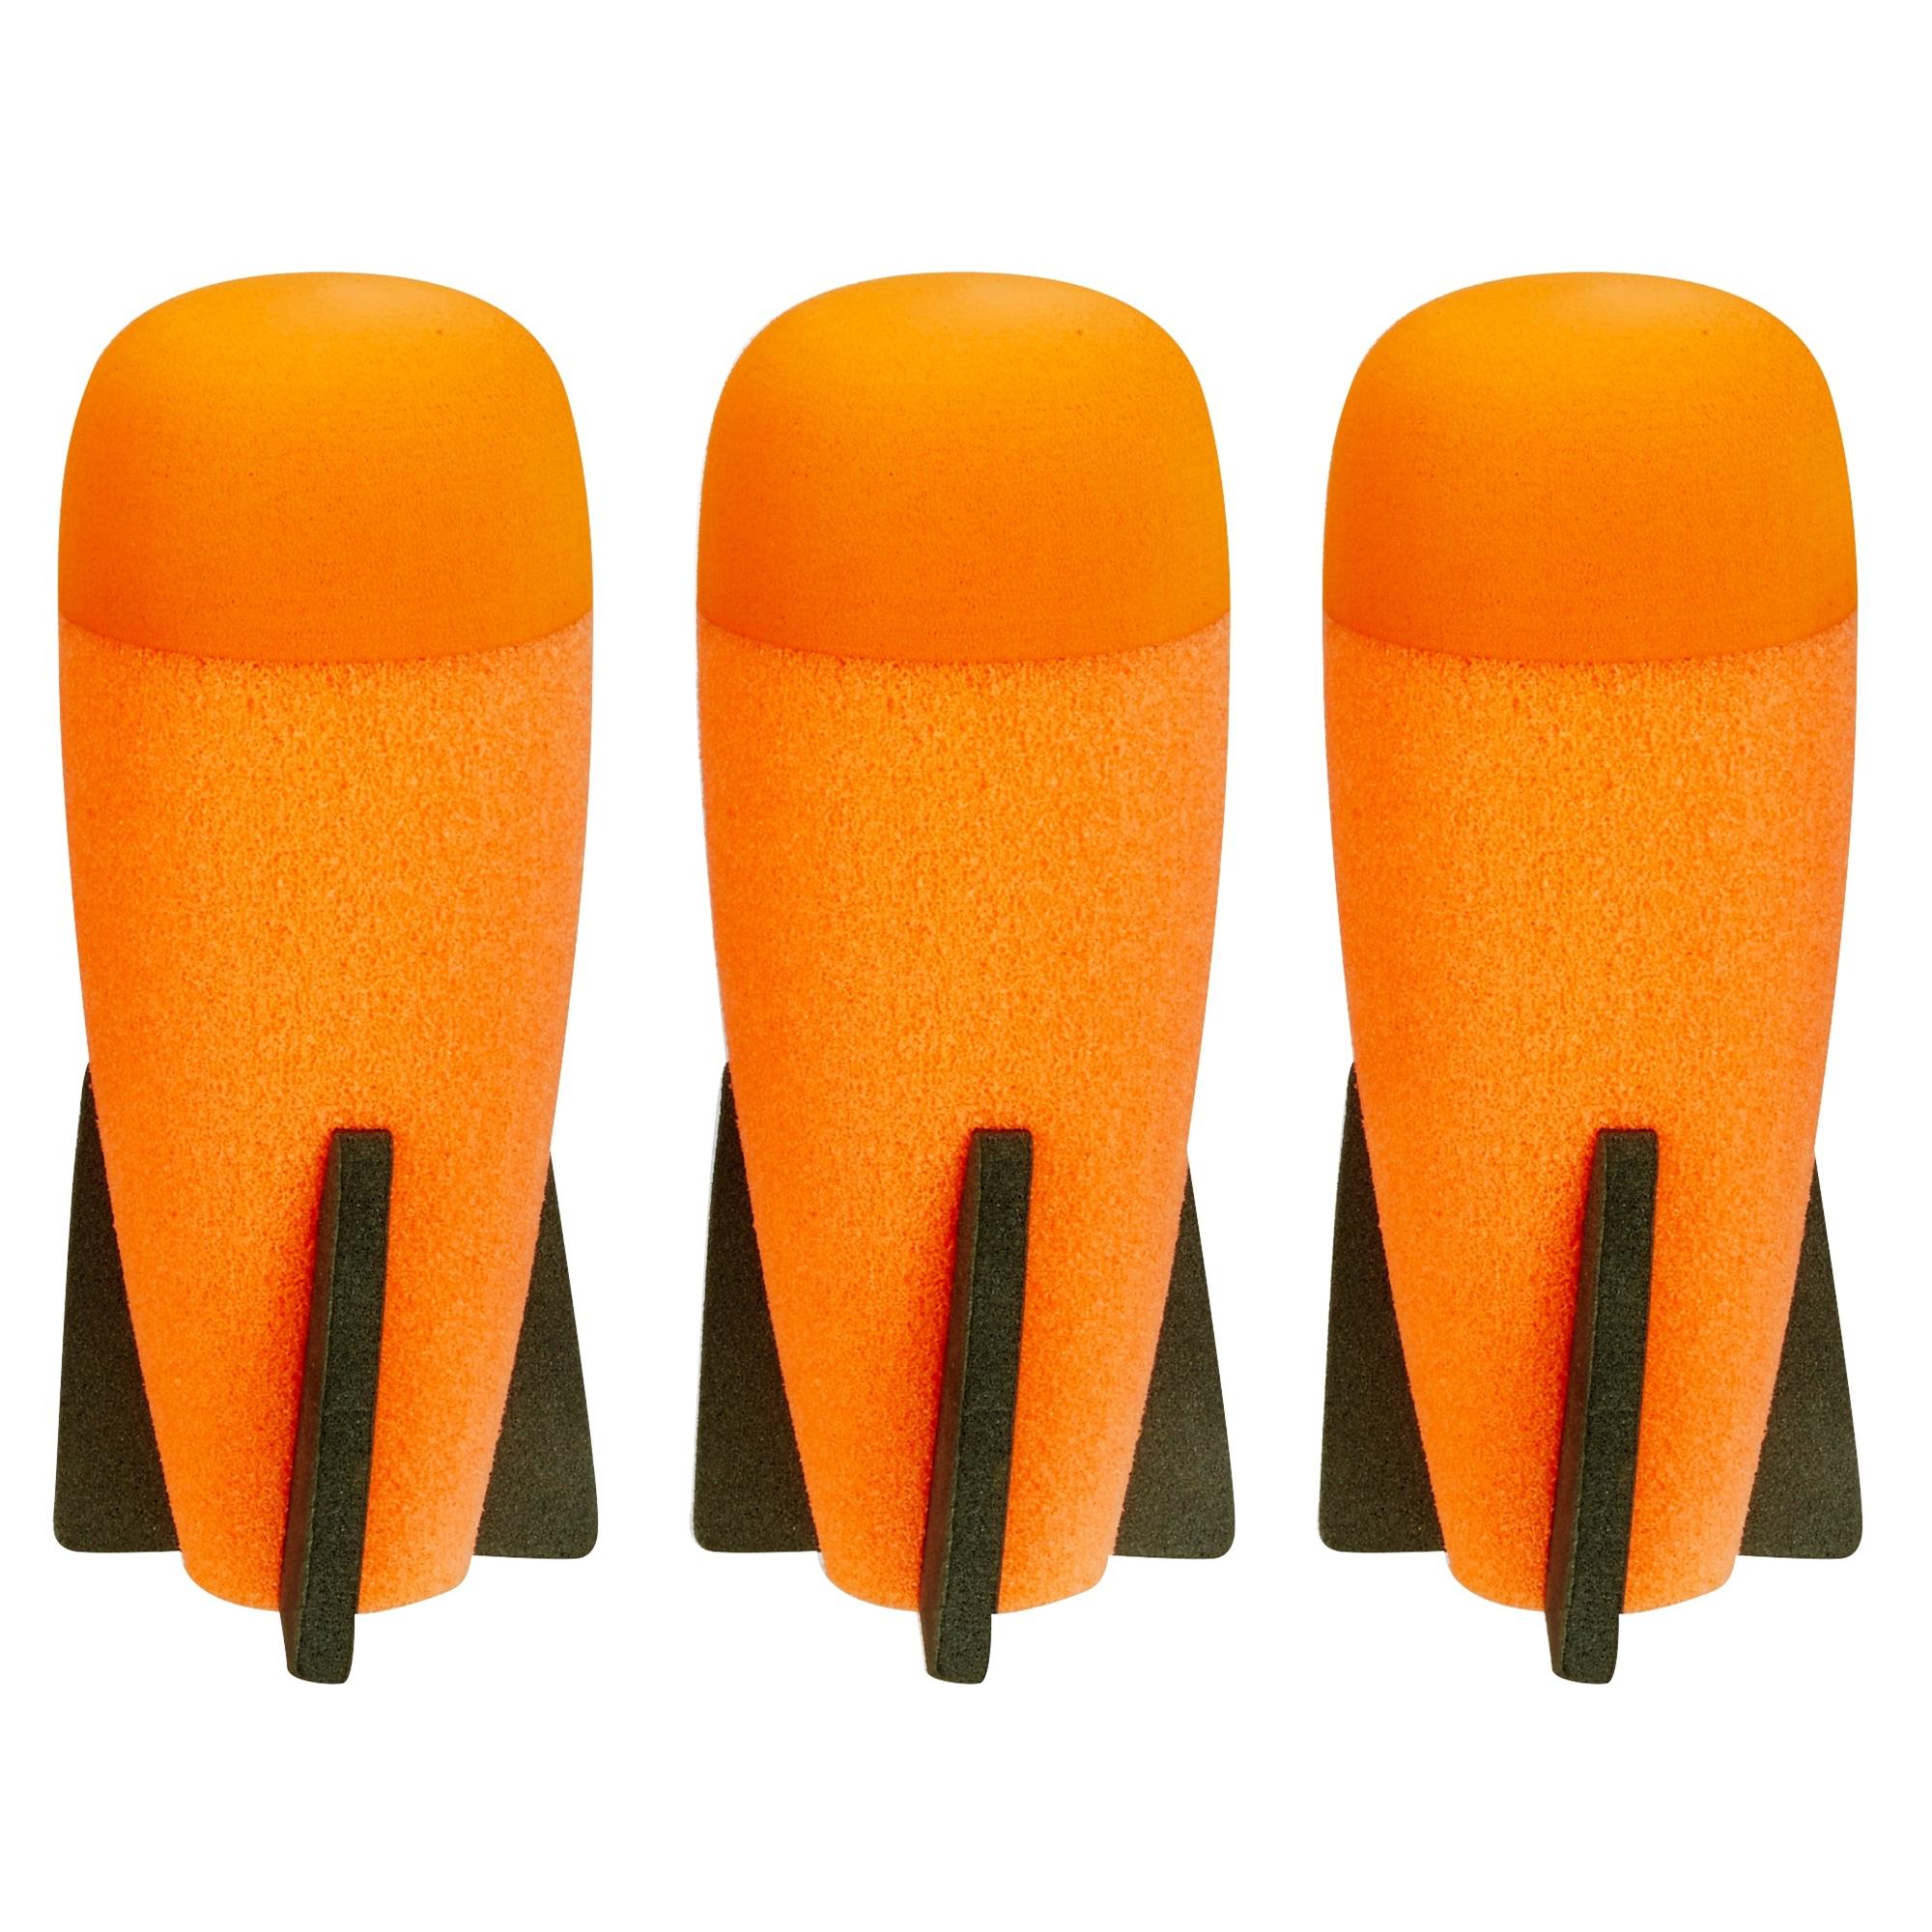 Hasbro Nerf A8951 Нерф Элит 3 ракеты игрушка hasbro nerf 3 ракеты a8951